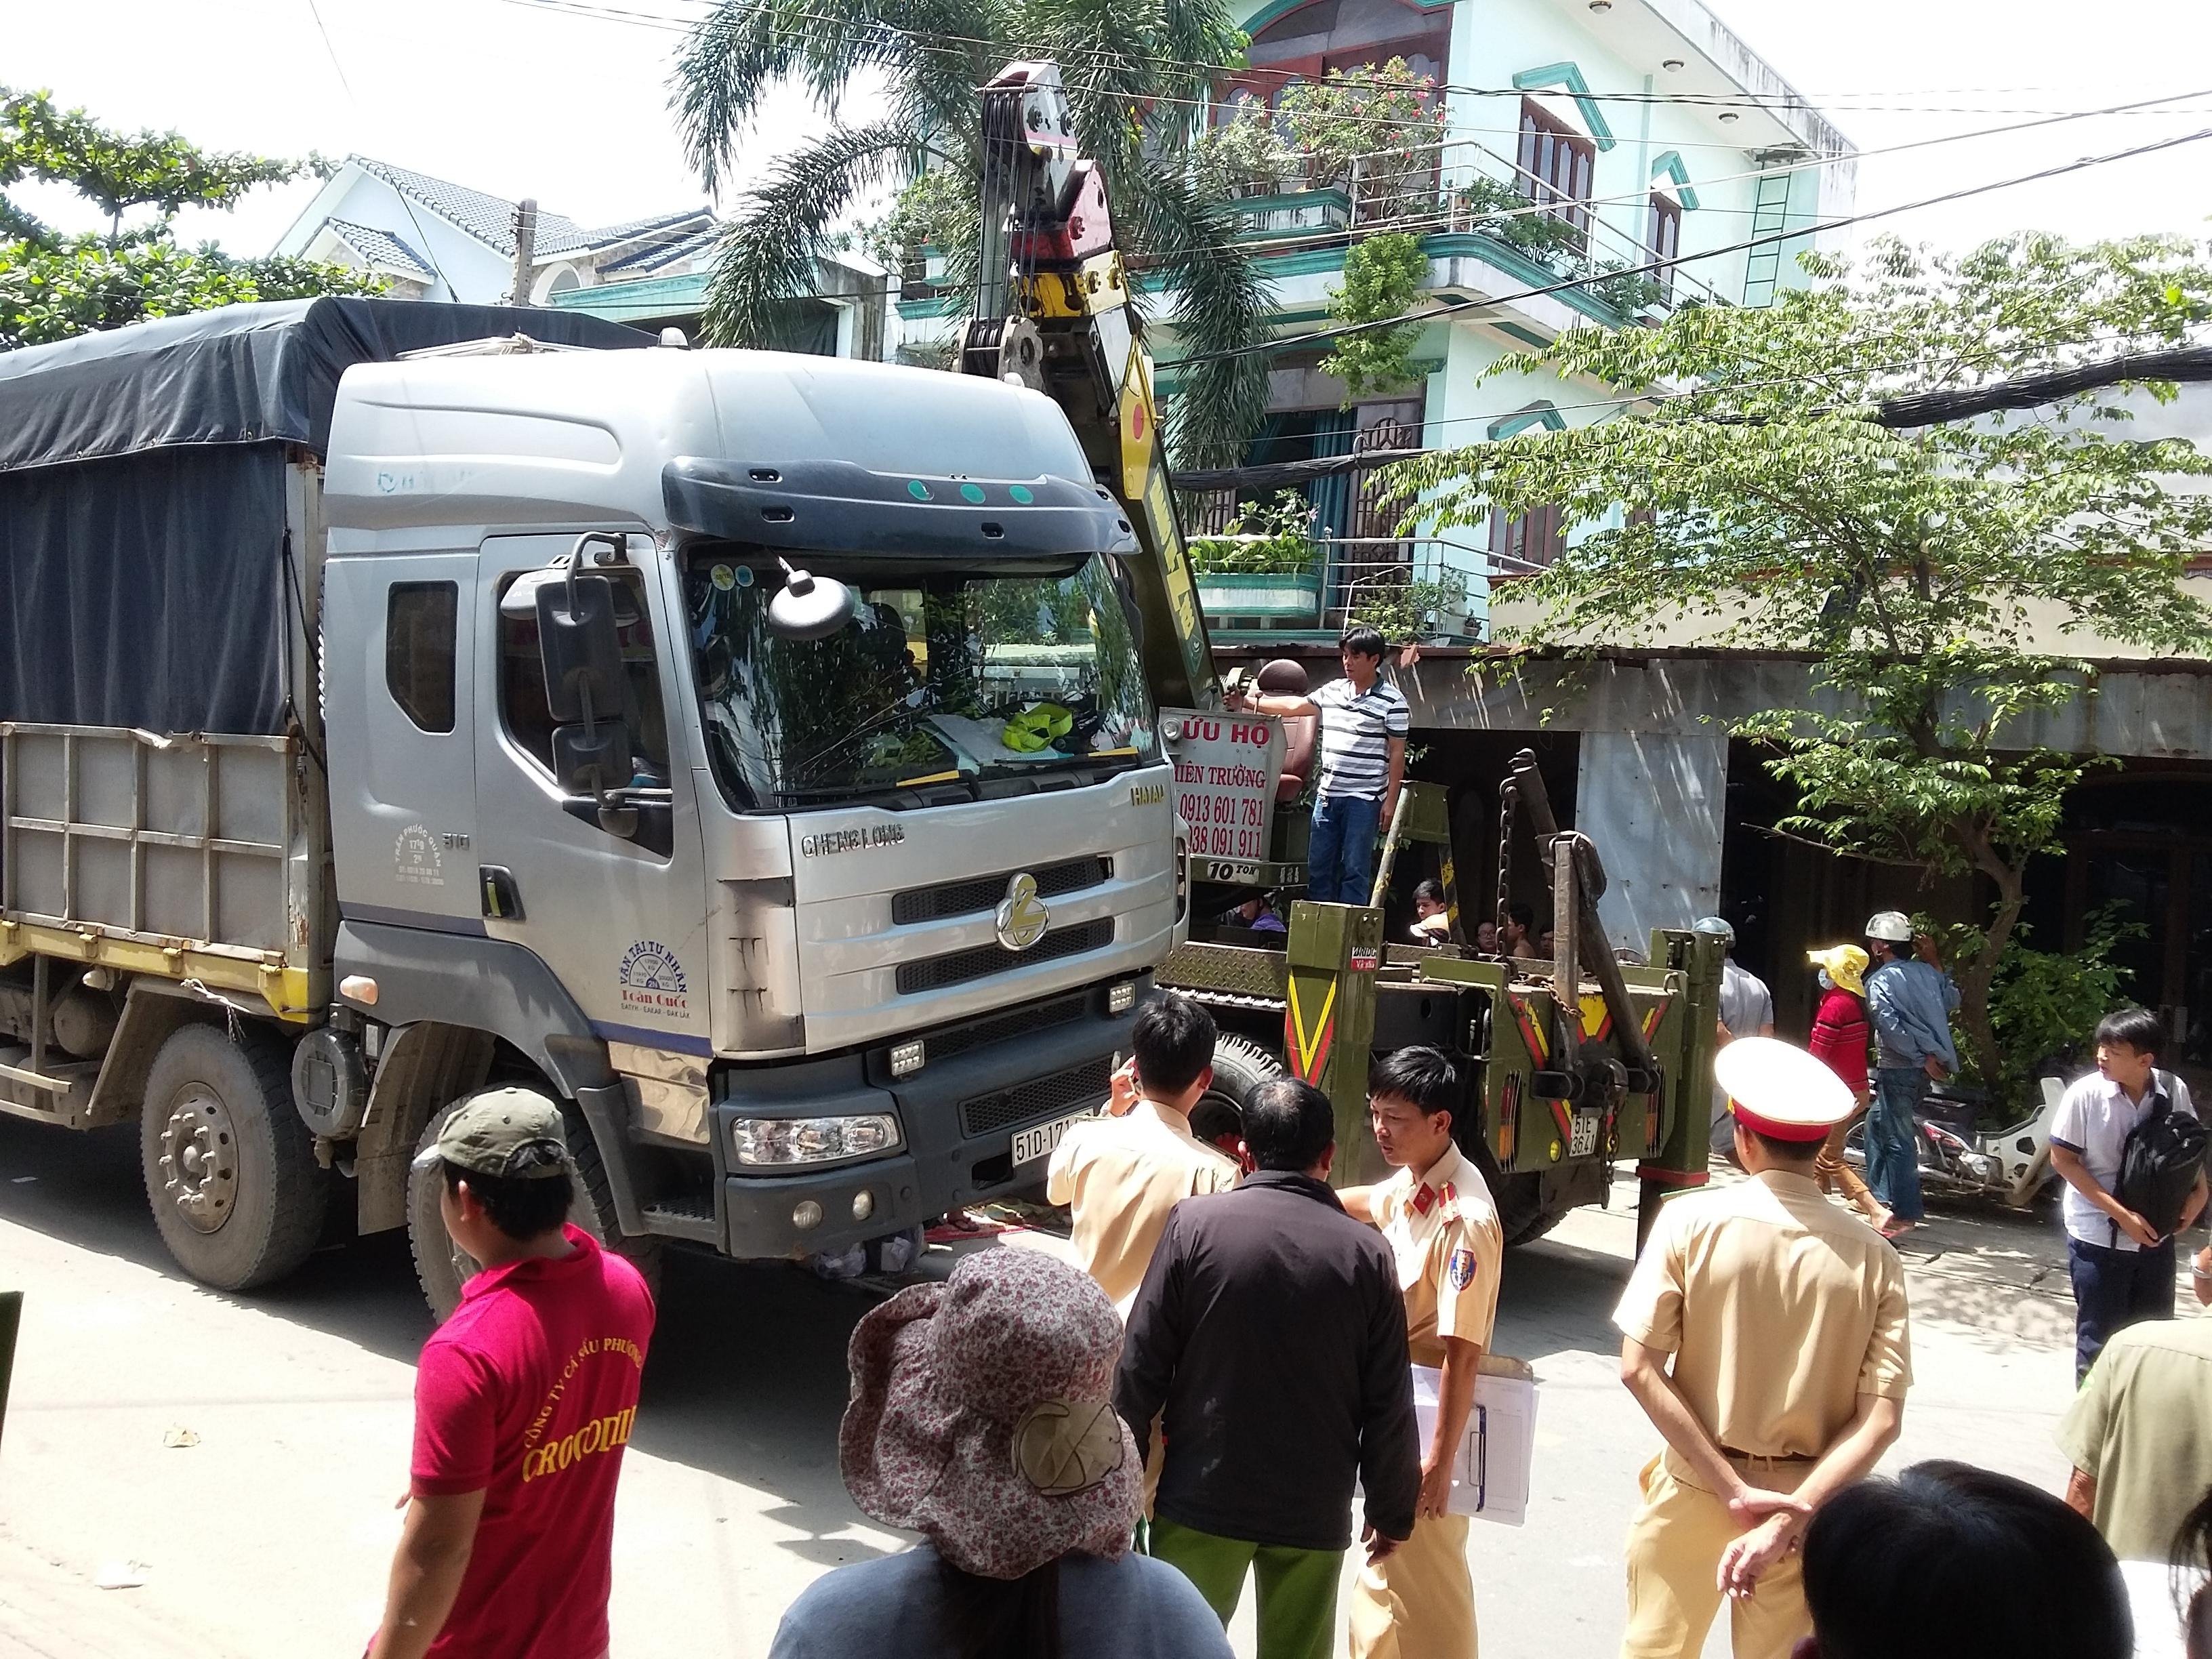 Nâng ô tô cứu cụ bà bị mắc kẹt dưới gầm xe ở Sài Gòn